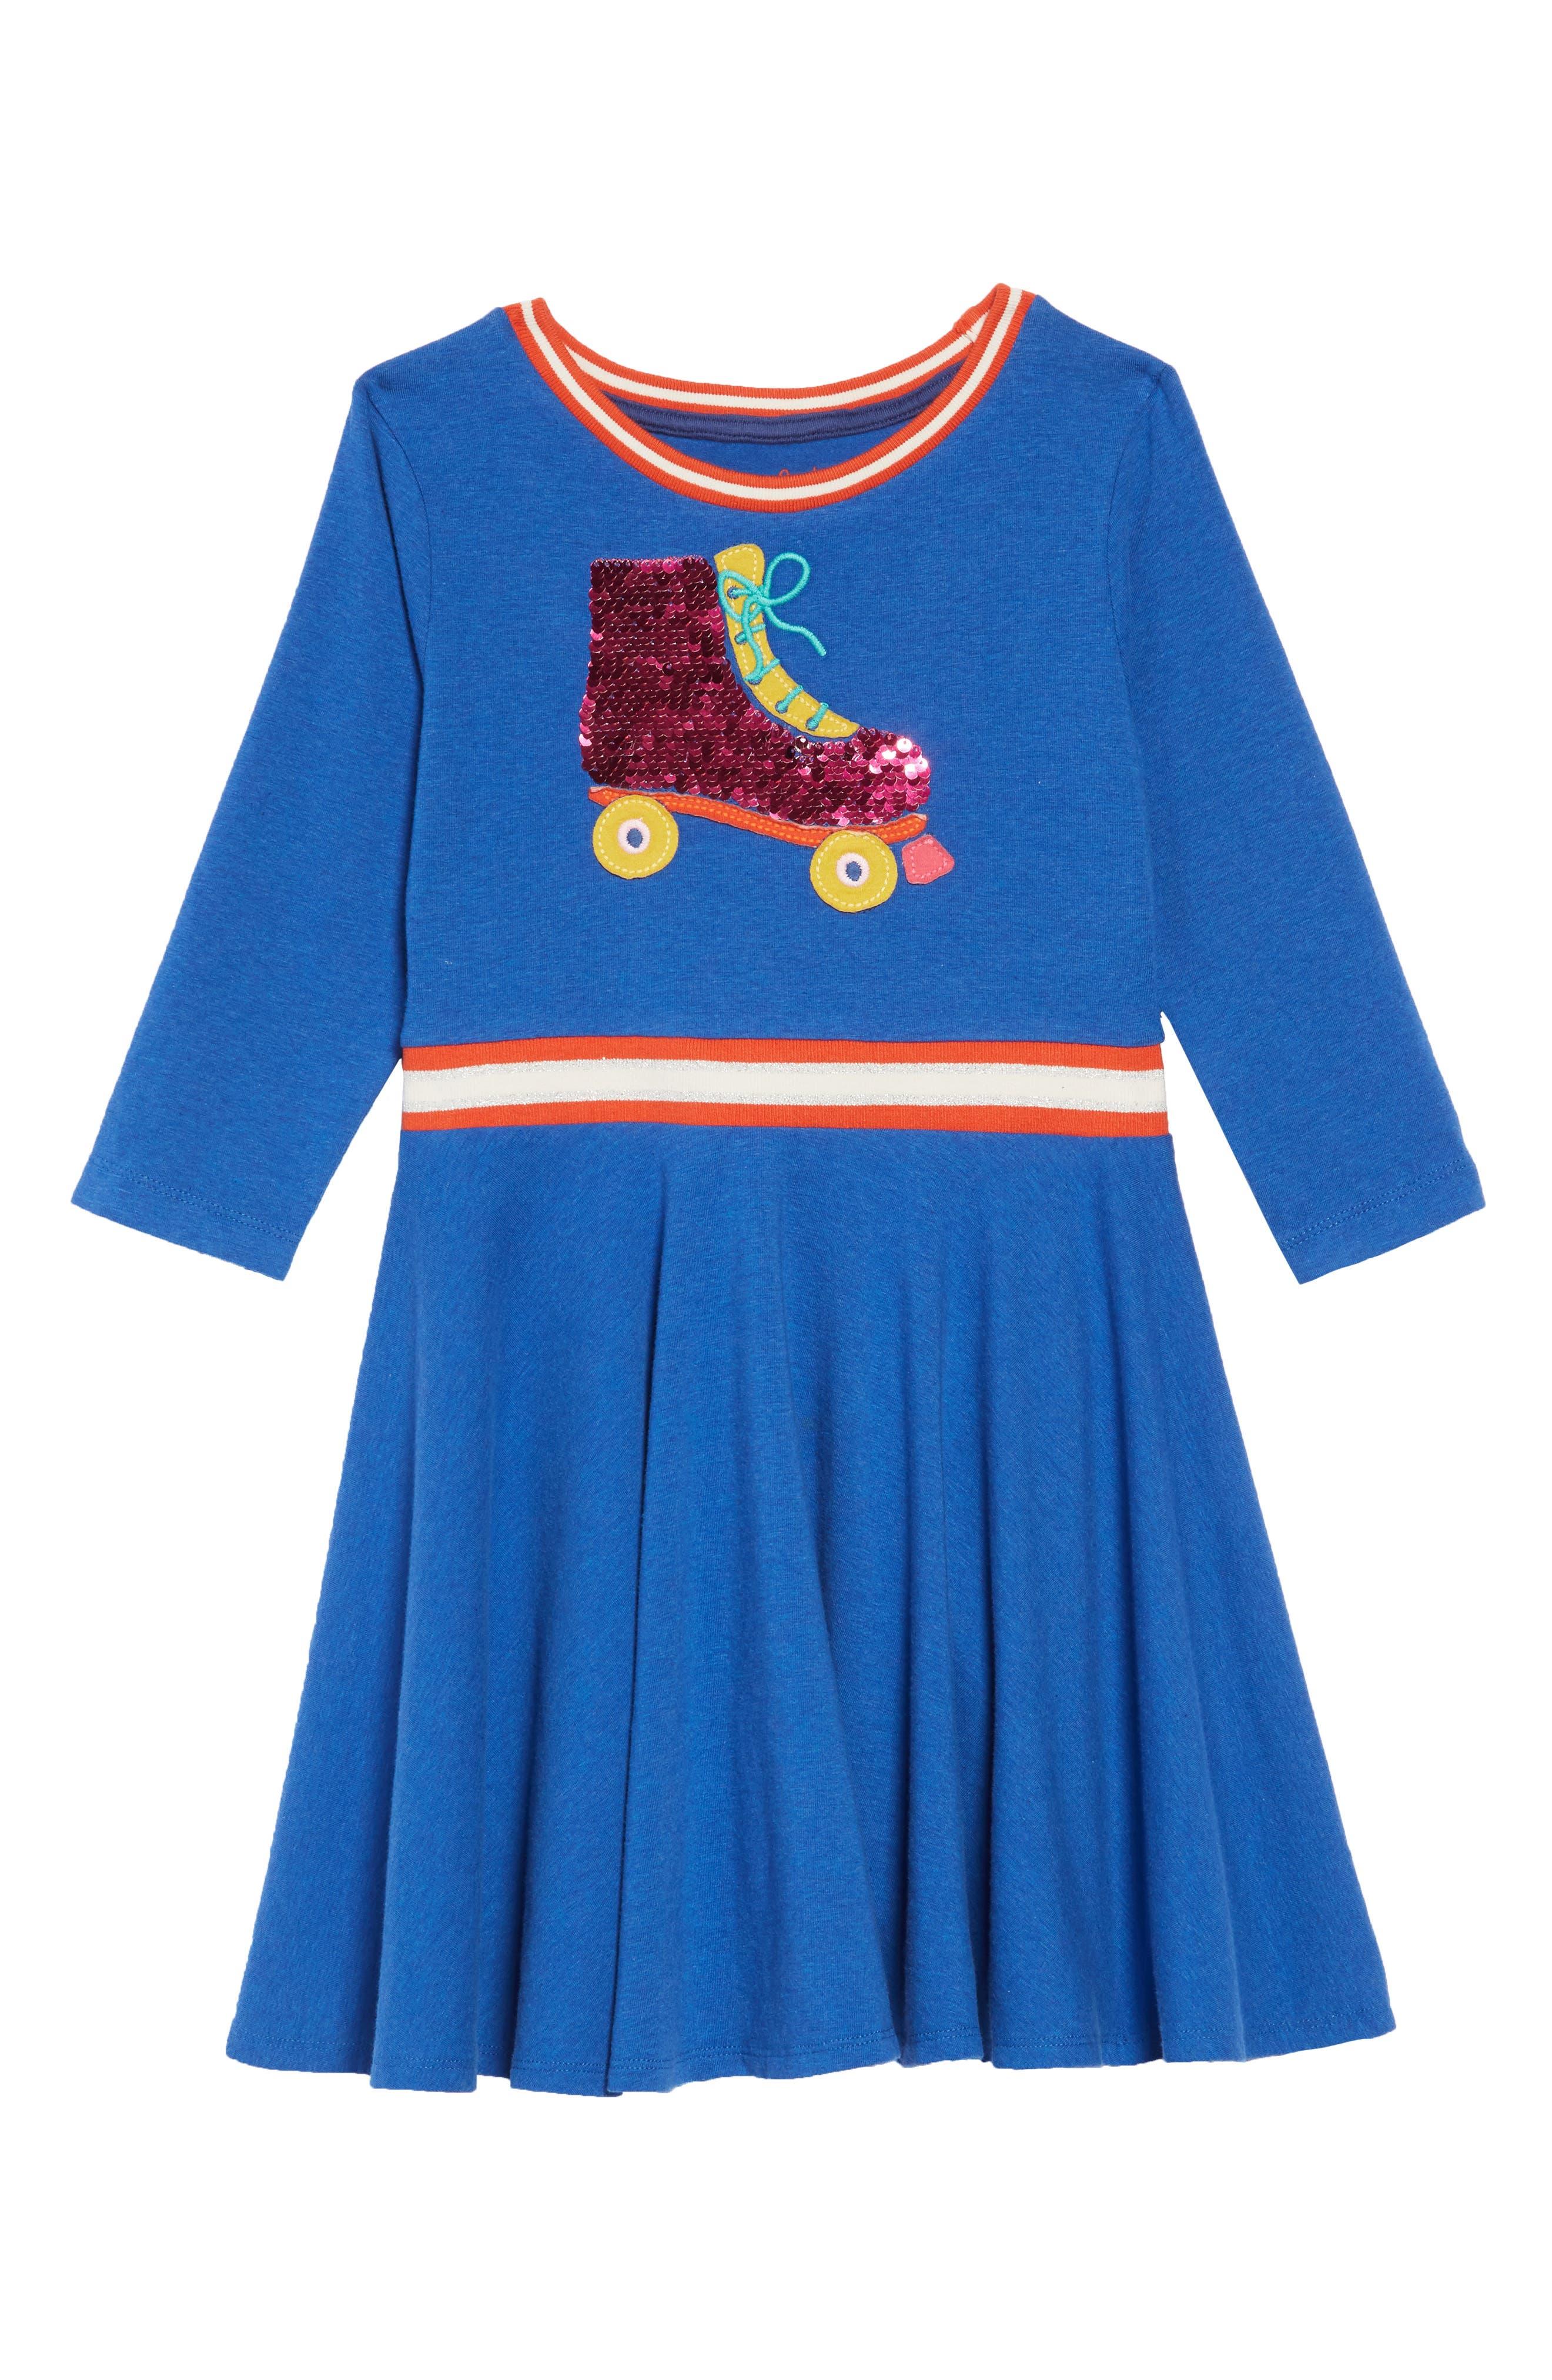 Color Change Sequin Skater Dress,                             Main thumbnail 1, color,                             424